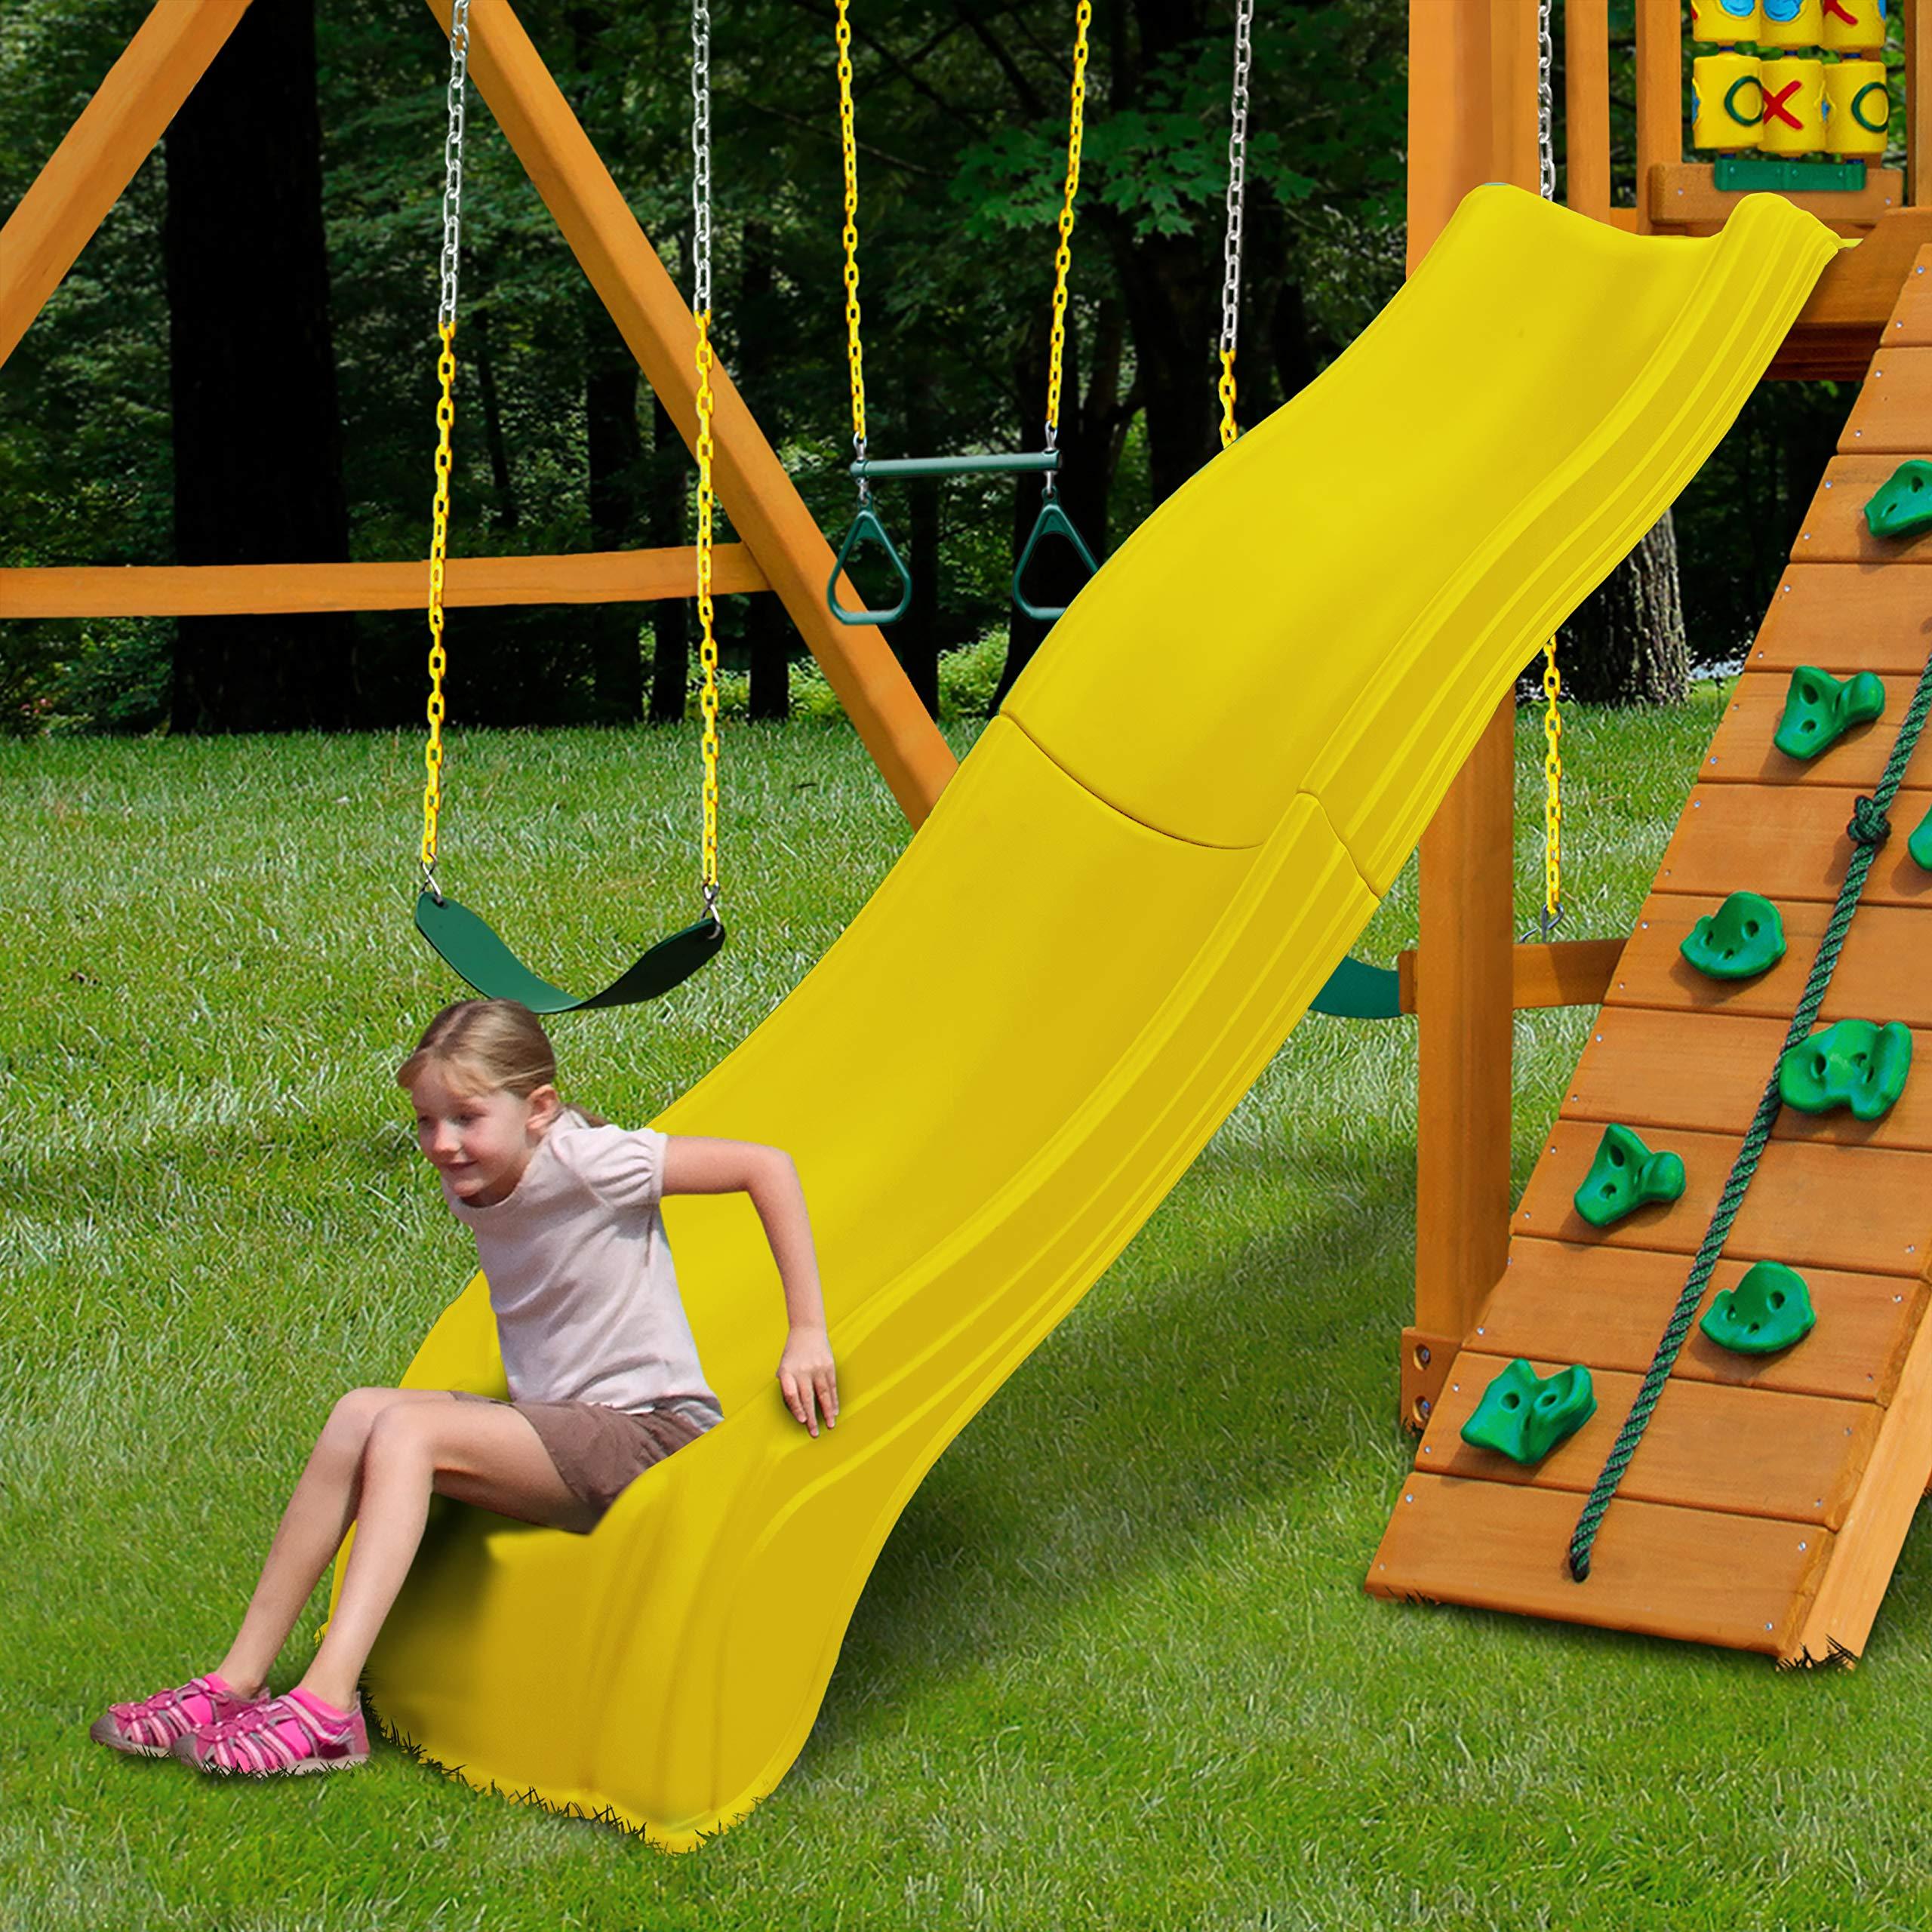 Swing-N-Slide WS 5031 Olympus Wave Slide 2 Piece Plastic Slide for 5' Decks, Yellow by Swing-N-Slide (Image #2)